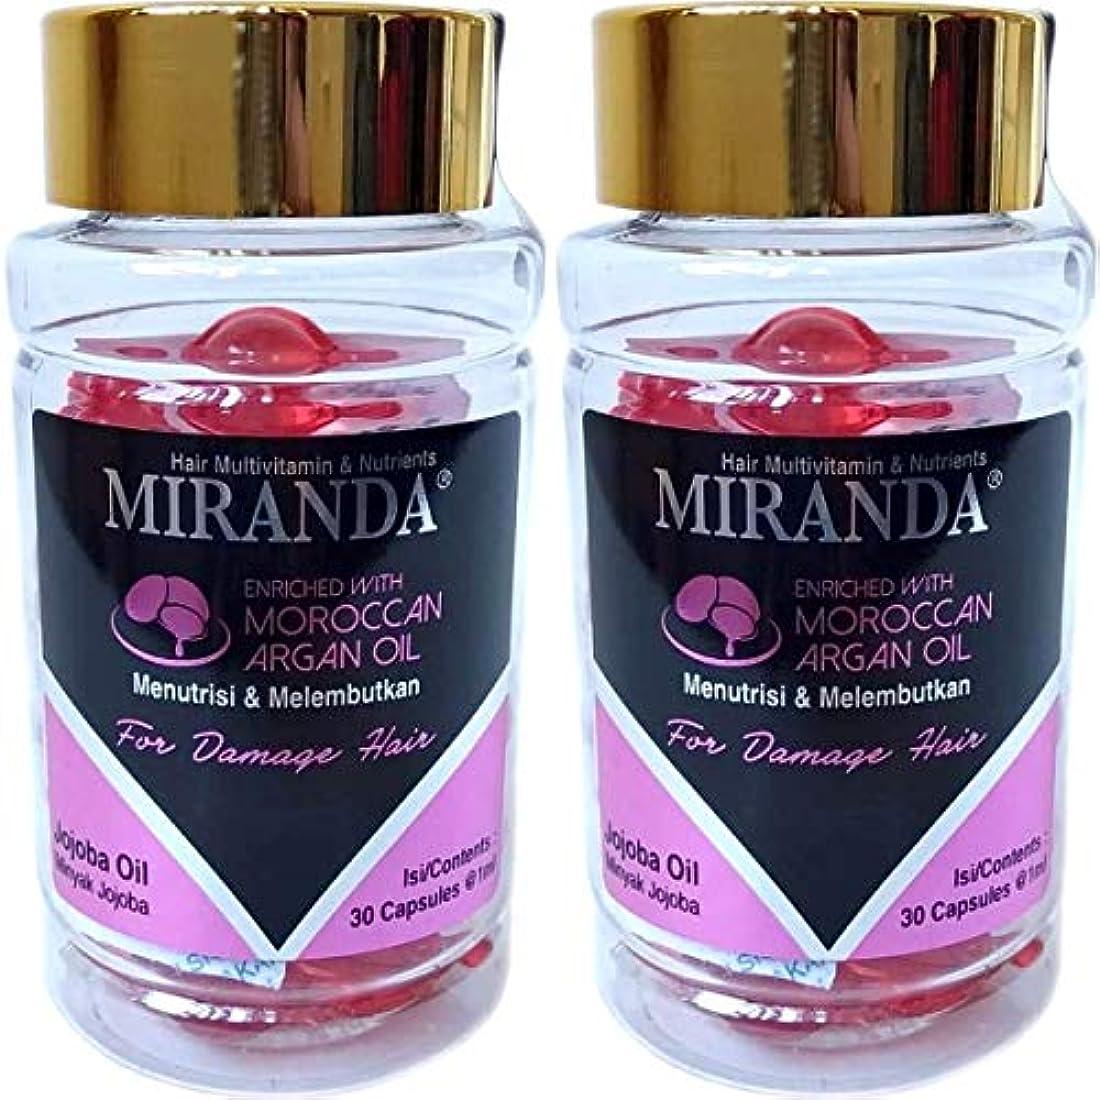 メドレーオーナー恐ろしいMIRANDA ミランダ Hair Multivitamin&Nutrients ヘアマルチビタミン ニュートリエンツ 洗い流さないヘアトリートメント 30粒入ボトル×2個セット Jojoba oil ホホバオイル [海外直送品]